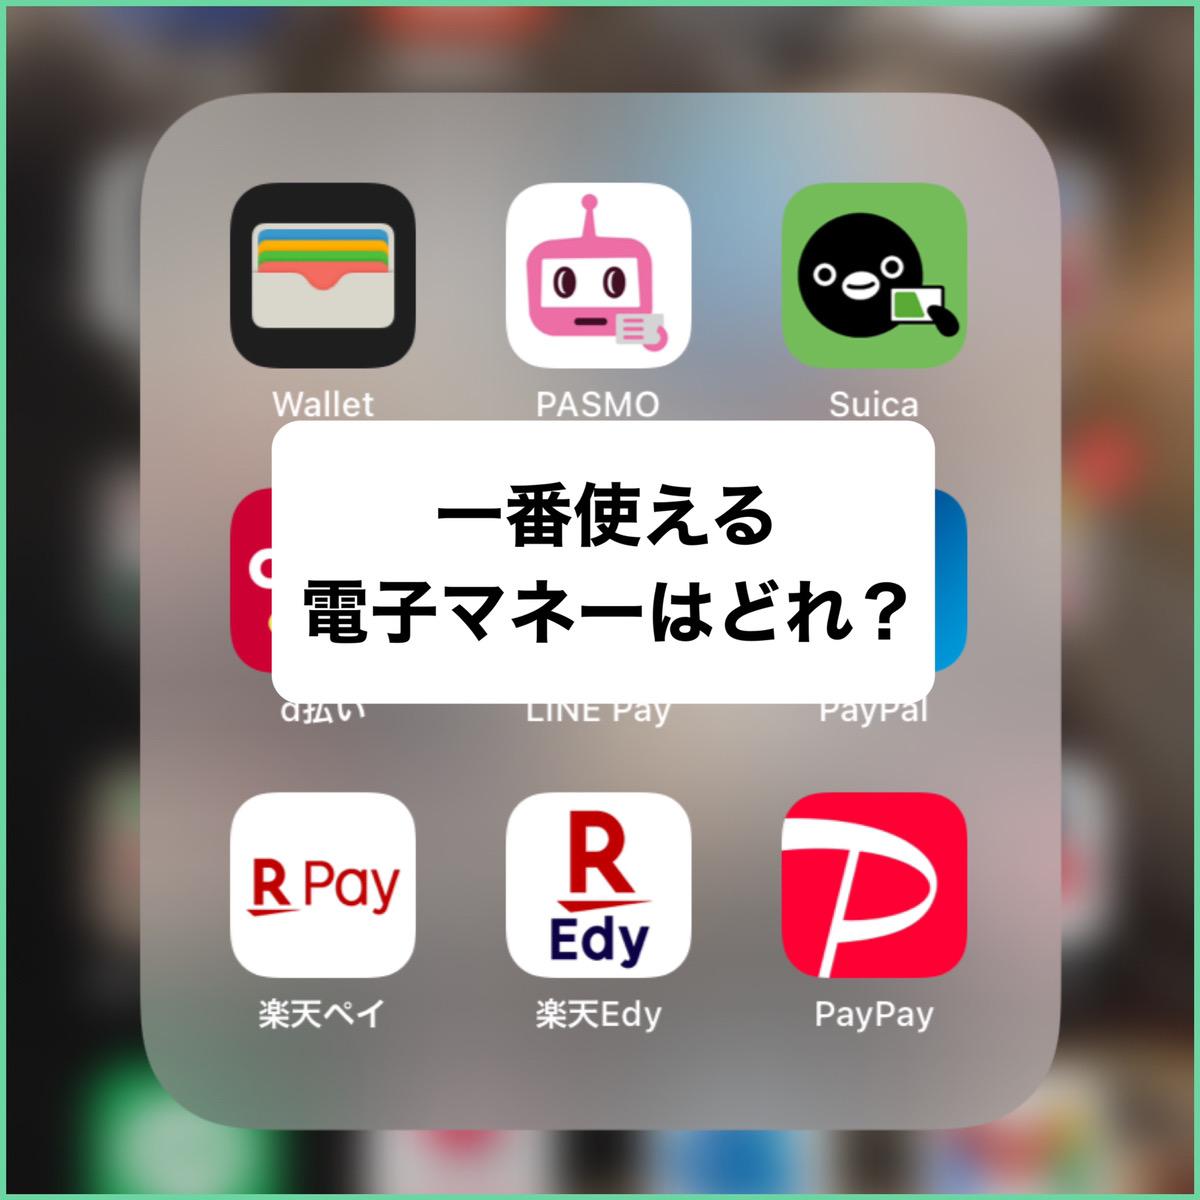 【2021】電子マネーおすすめランキング11選!一番使える電子マネーはどれ?